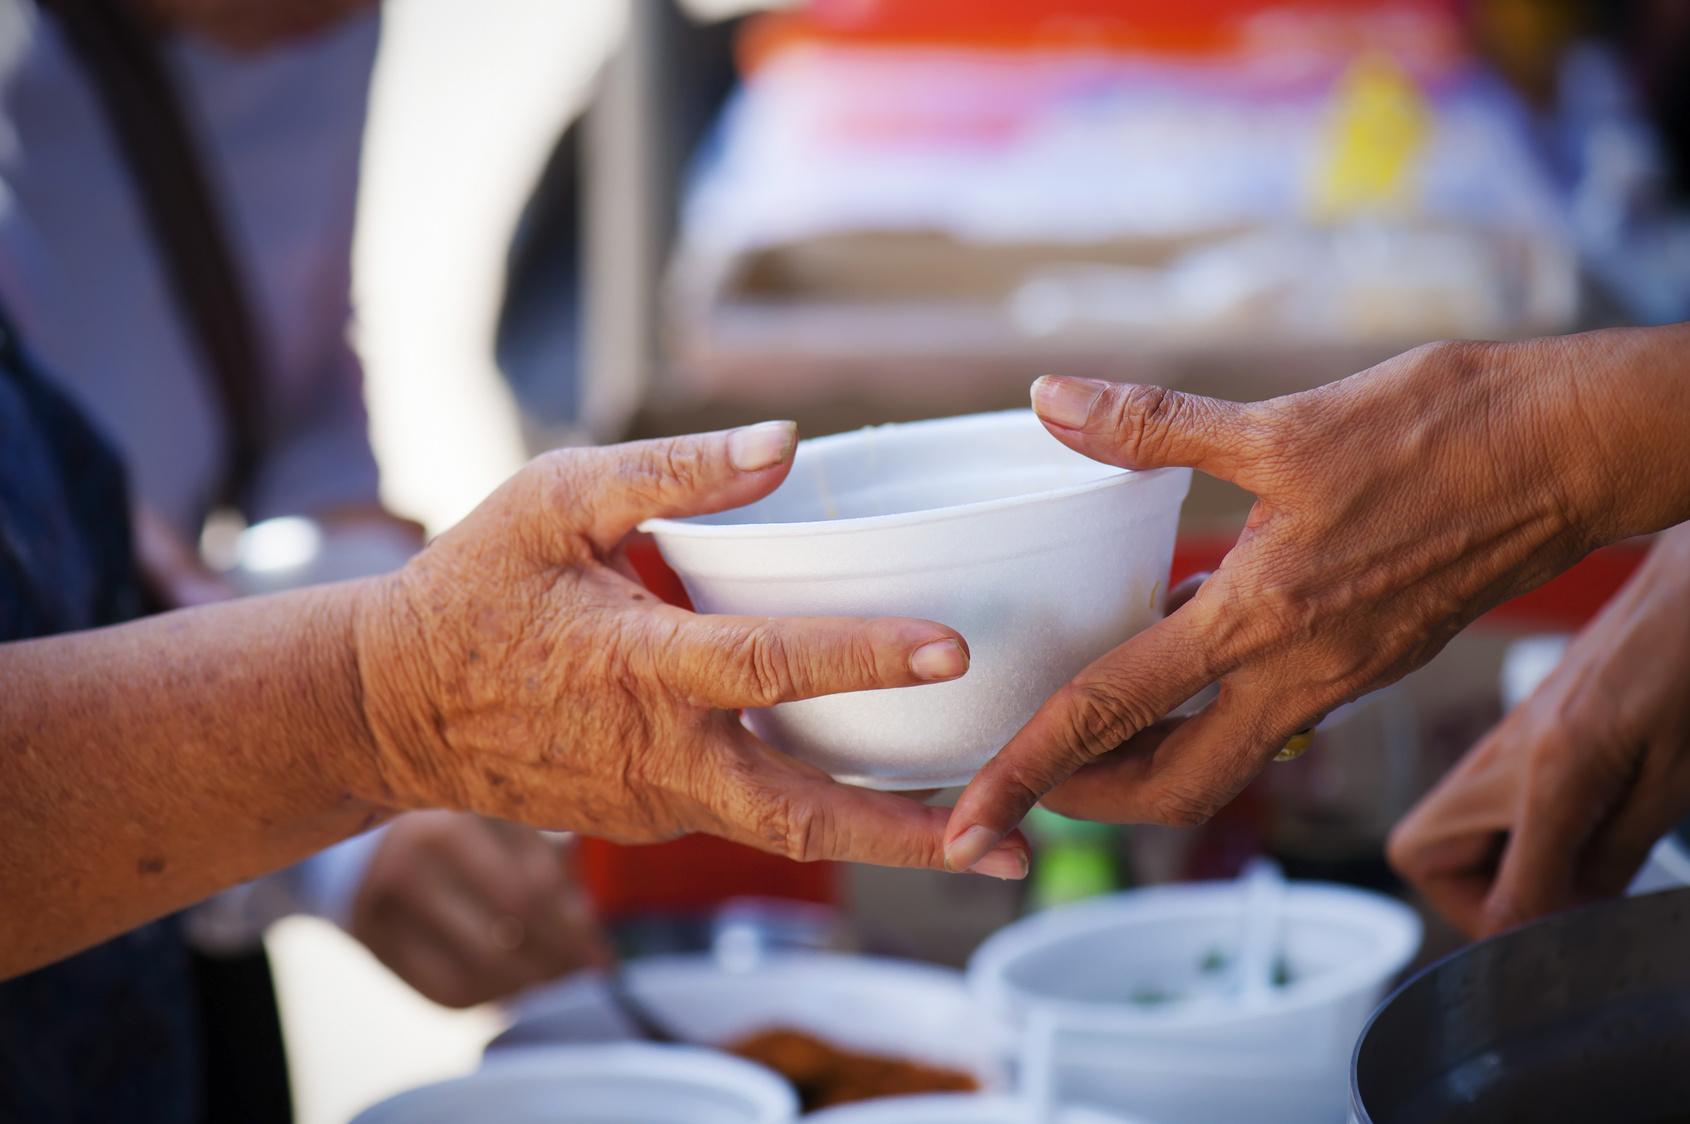 https://www.zerottounonews.it/wp-content/uploads/2020/03/cibo-donazione-poveri.jpg